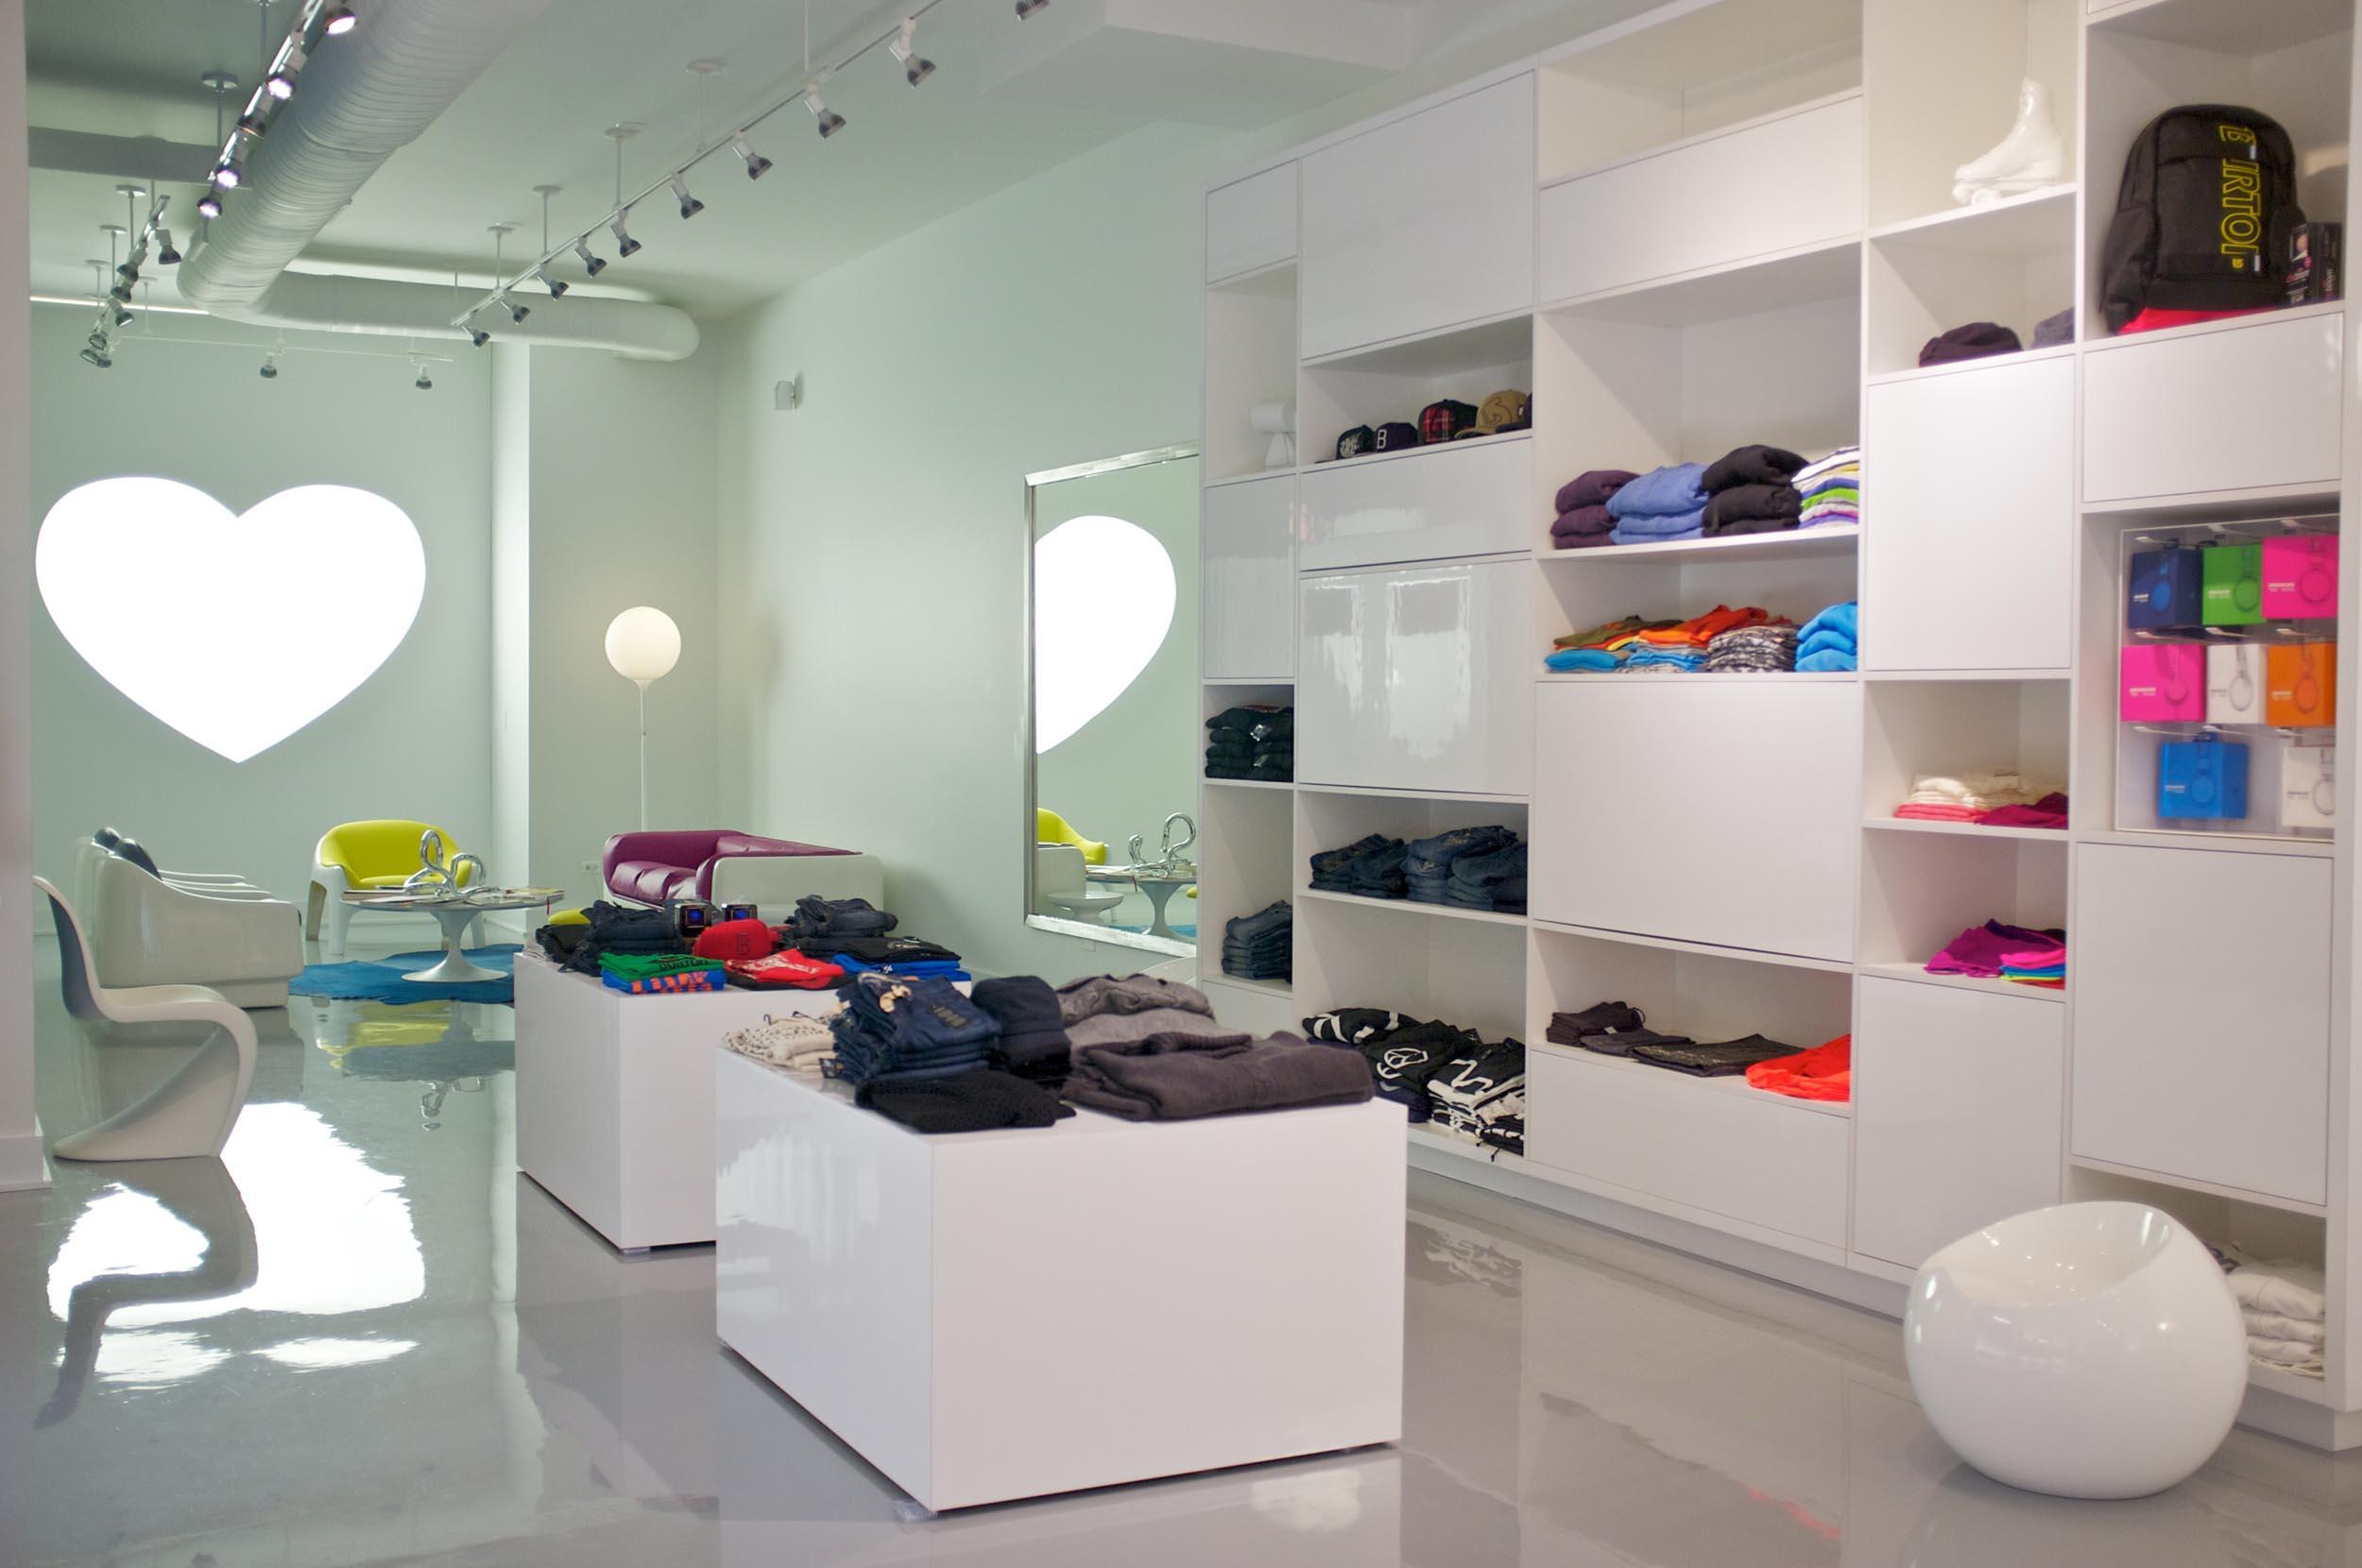 Leo_Designs_Chicago_interior_design_crush_retail15.jpg